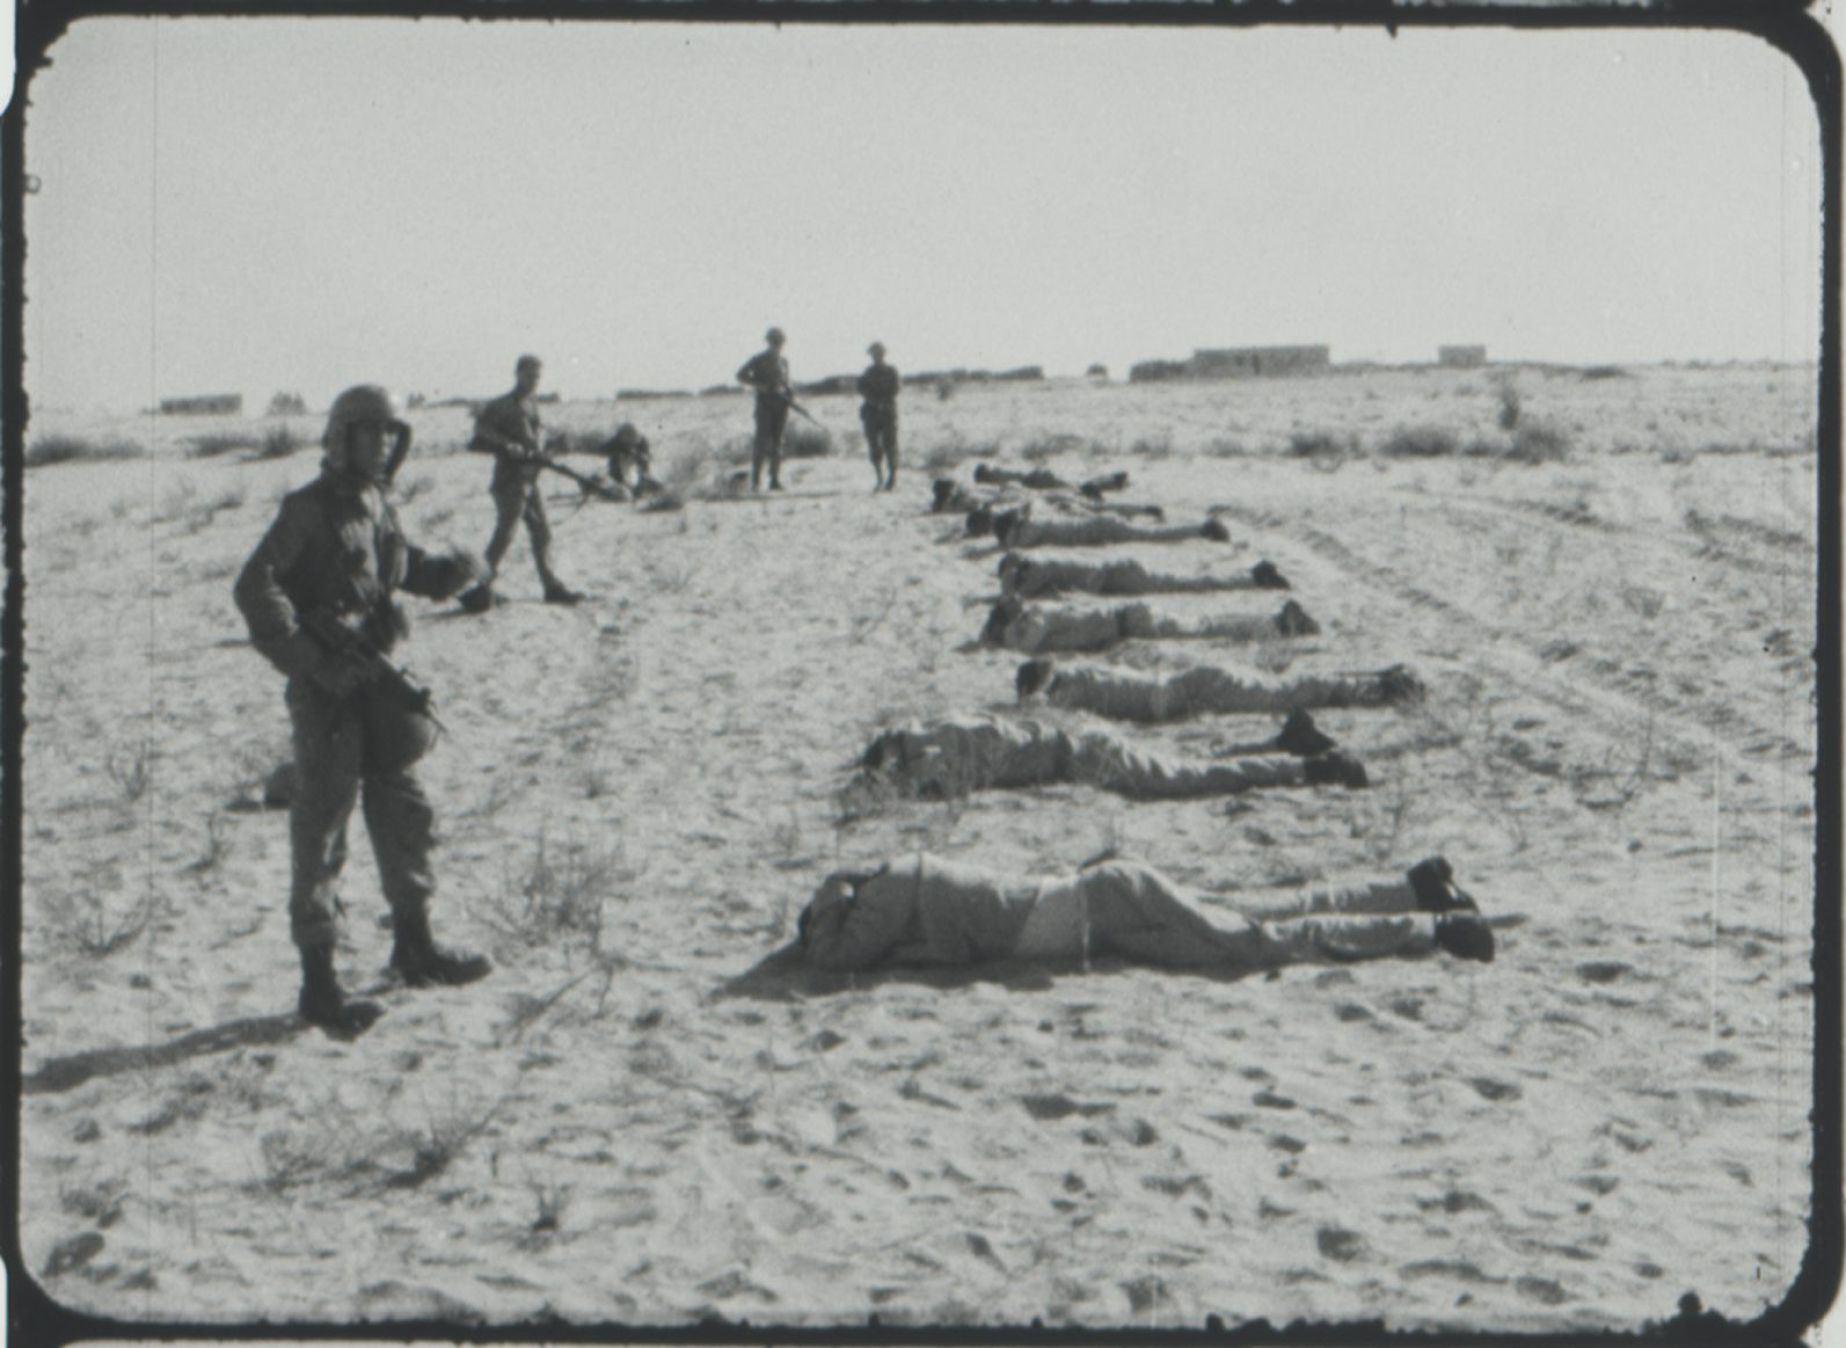 إعدام جماعي بحق أسرى عرب